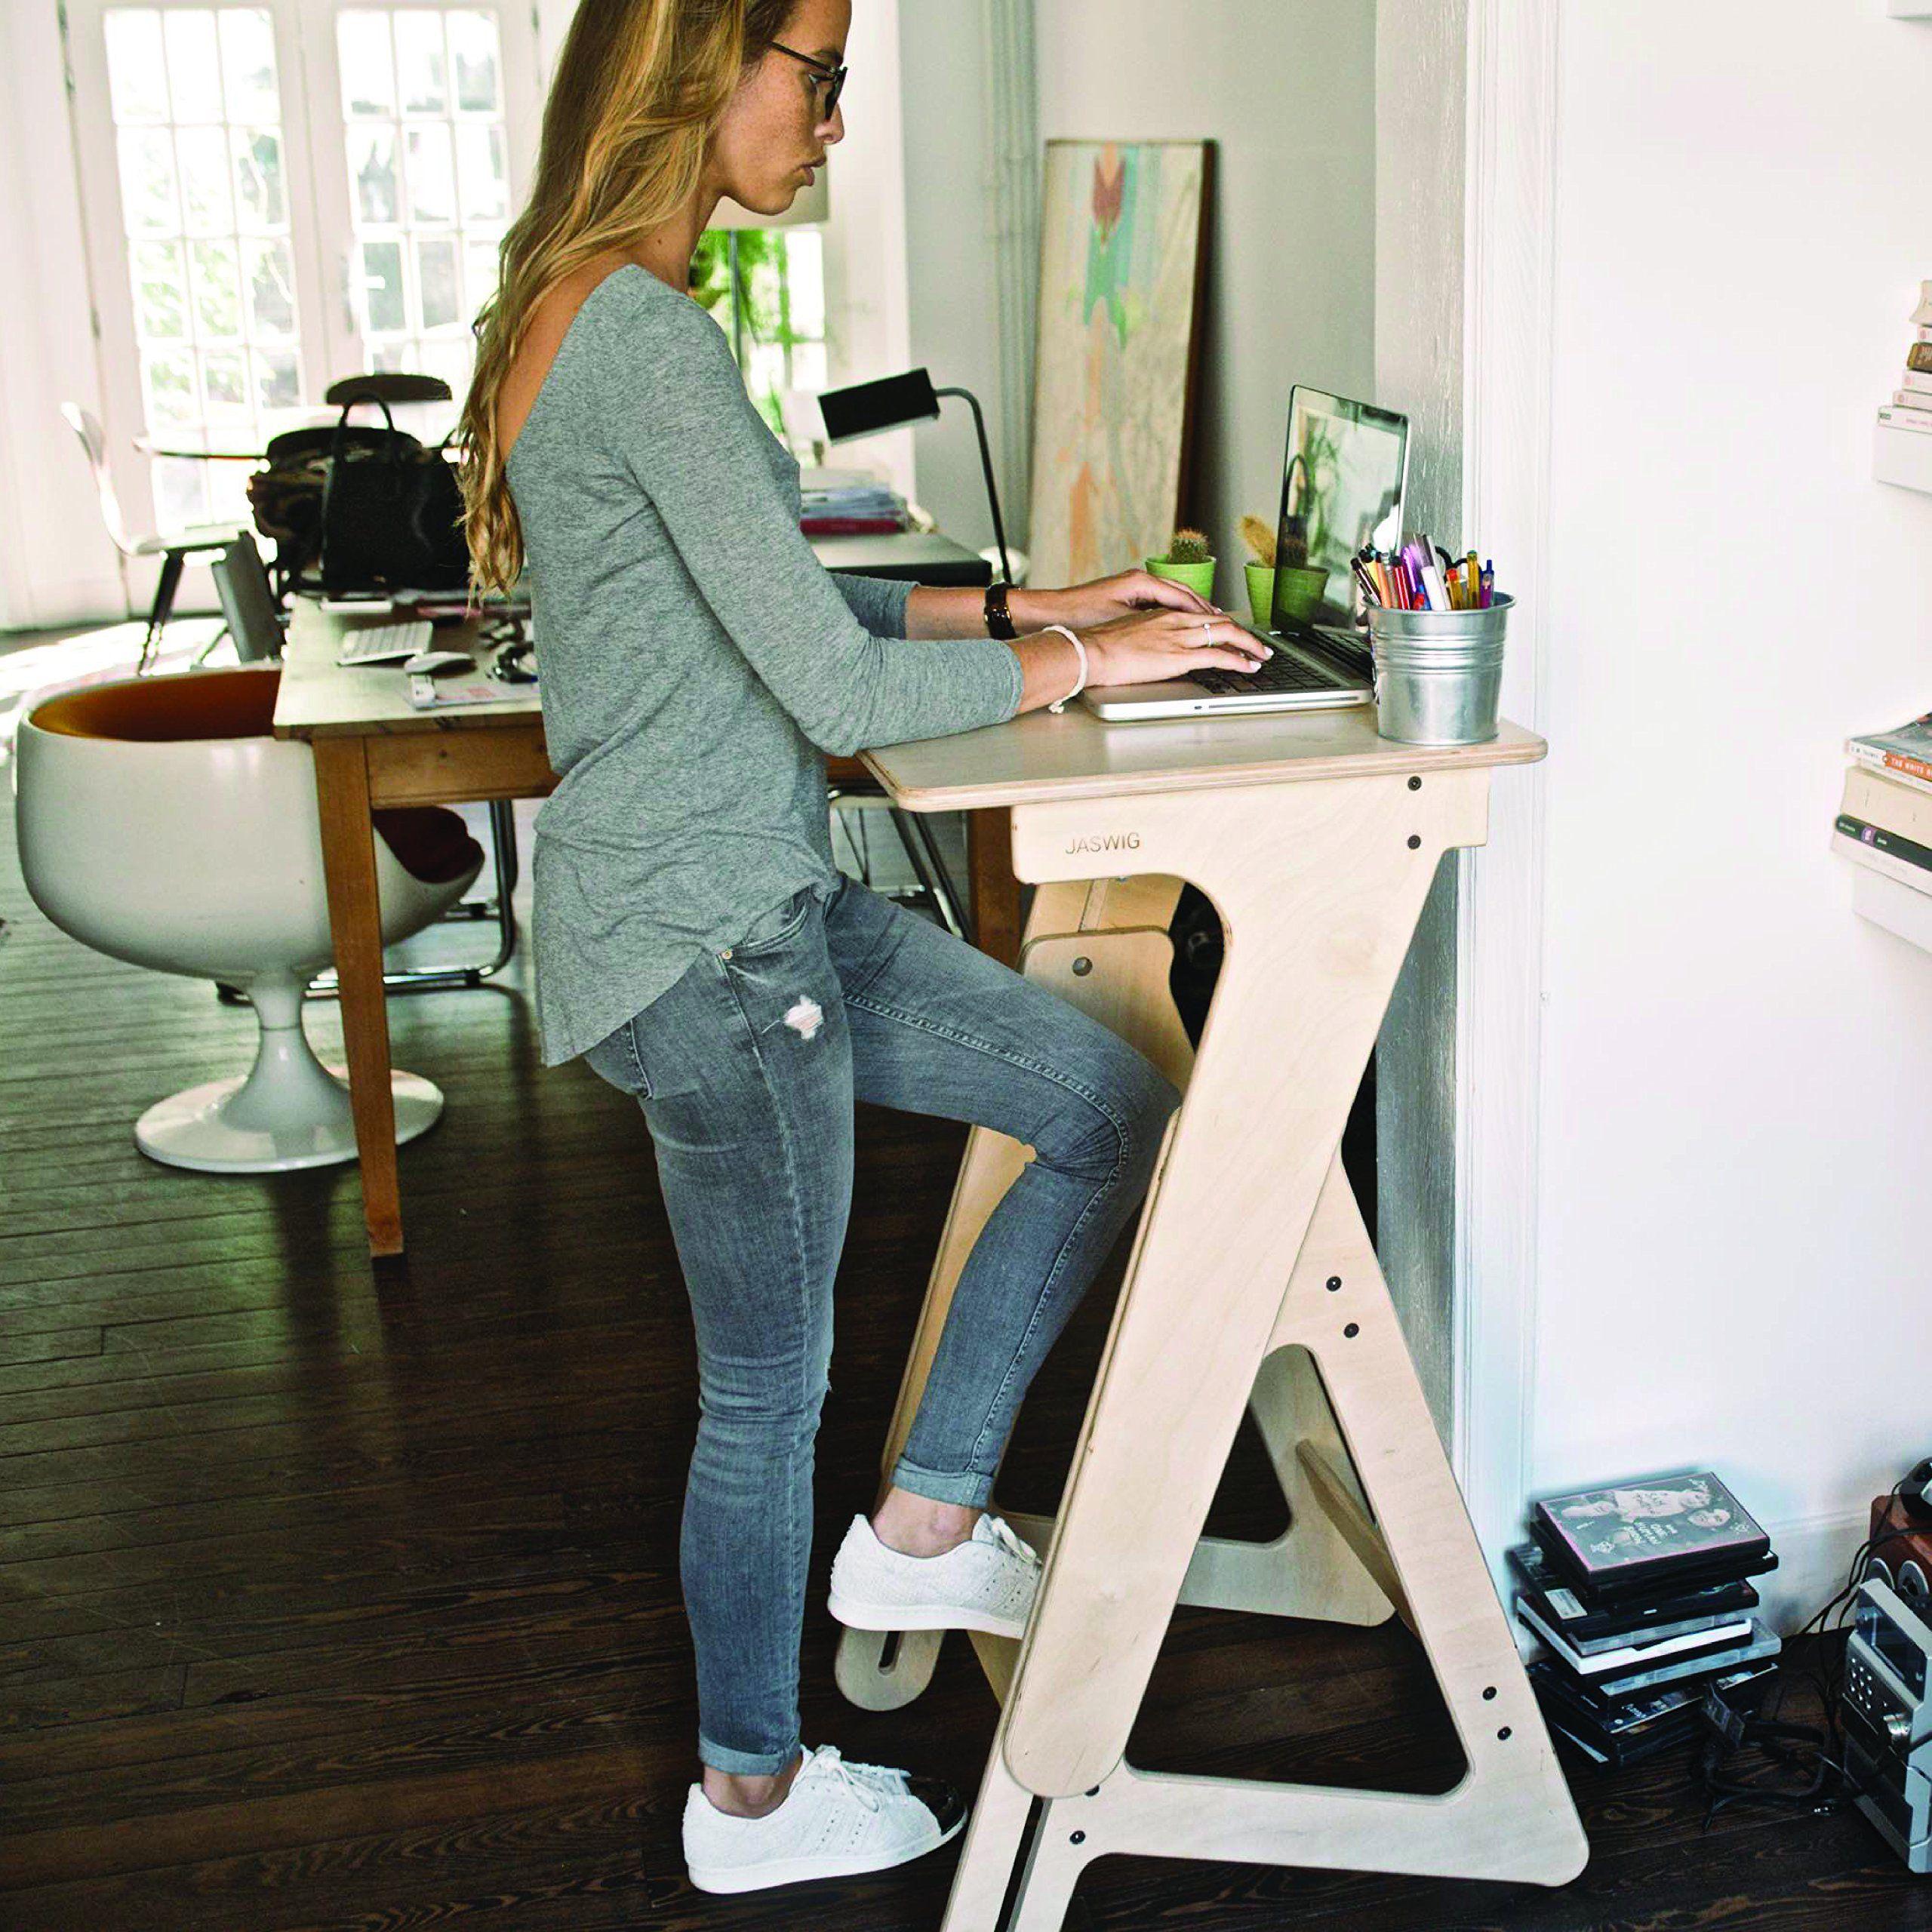 Focal Mobis Seat And Footrest Bundle Desk Stand Up Desk Office Organization At Work